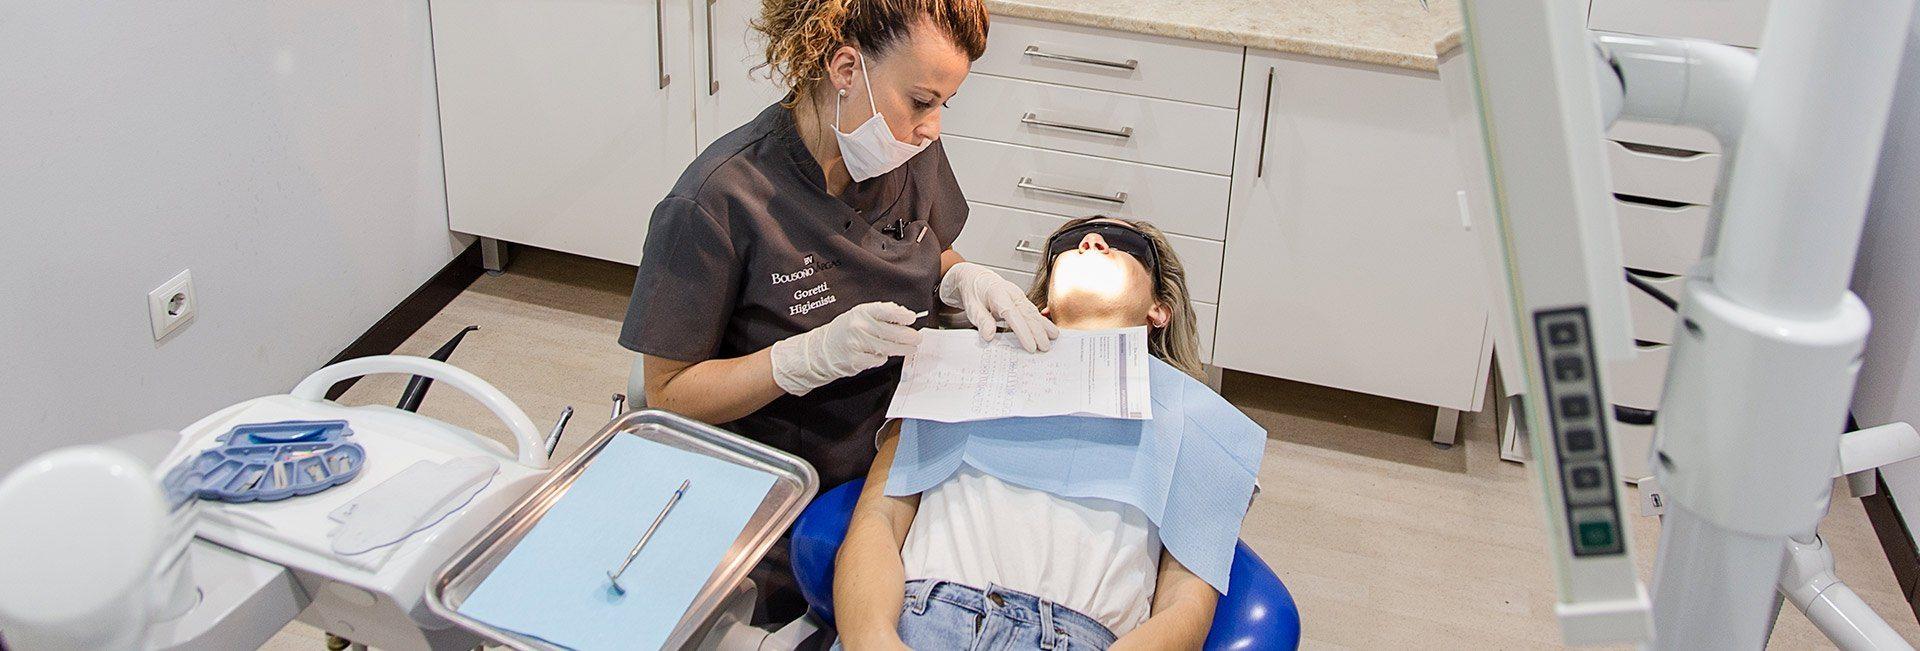 Dentista en Oviedo. Clínica dental